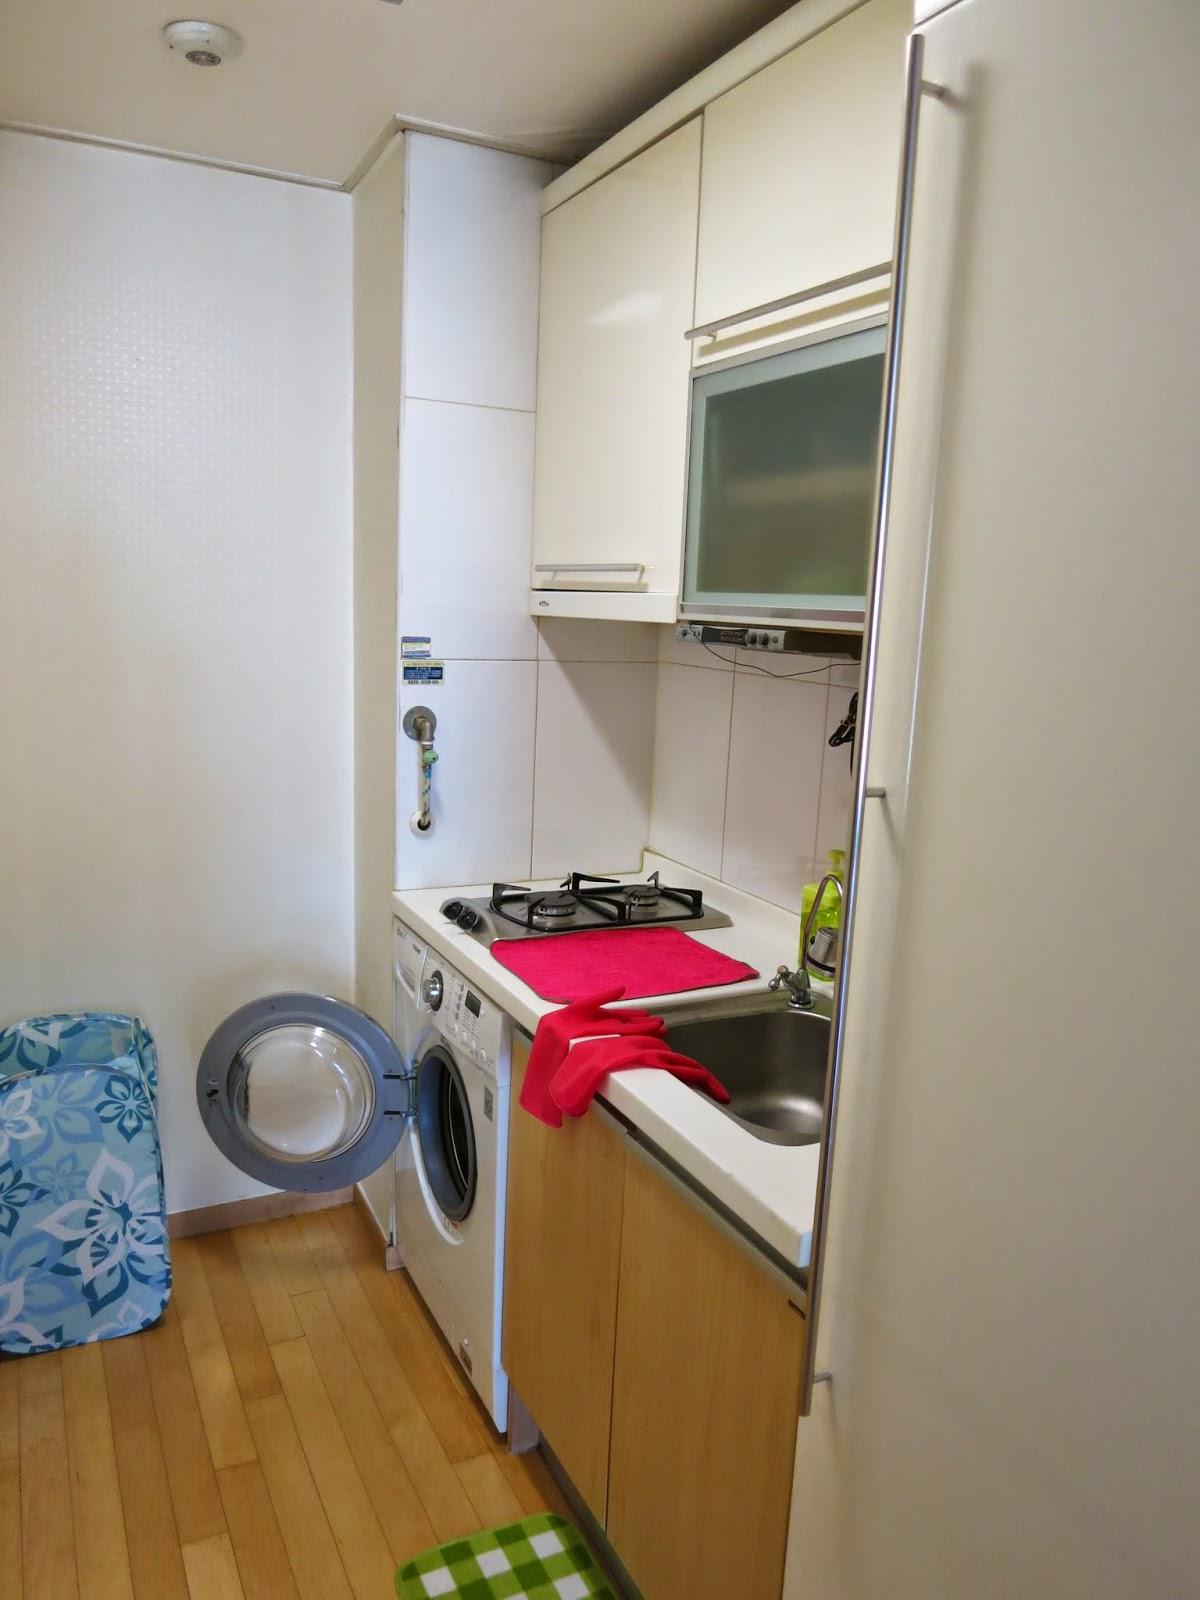 Seoulians' Studio in Hongdae booked on Airbnb